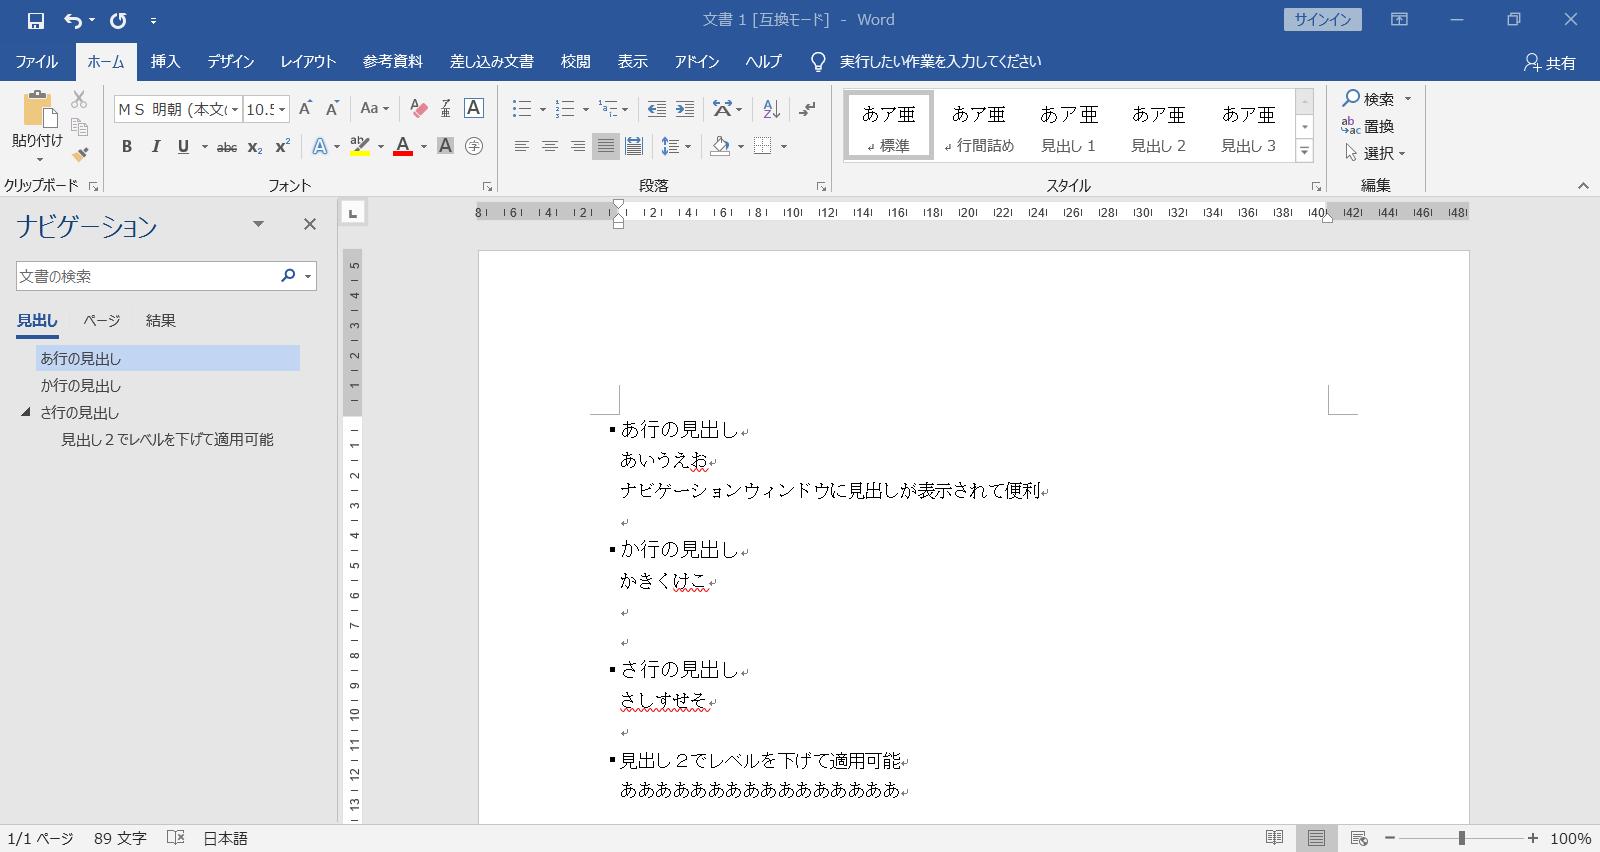 2019-09-30 19_26_12-文書 1 [互換モード] - Word.png